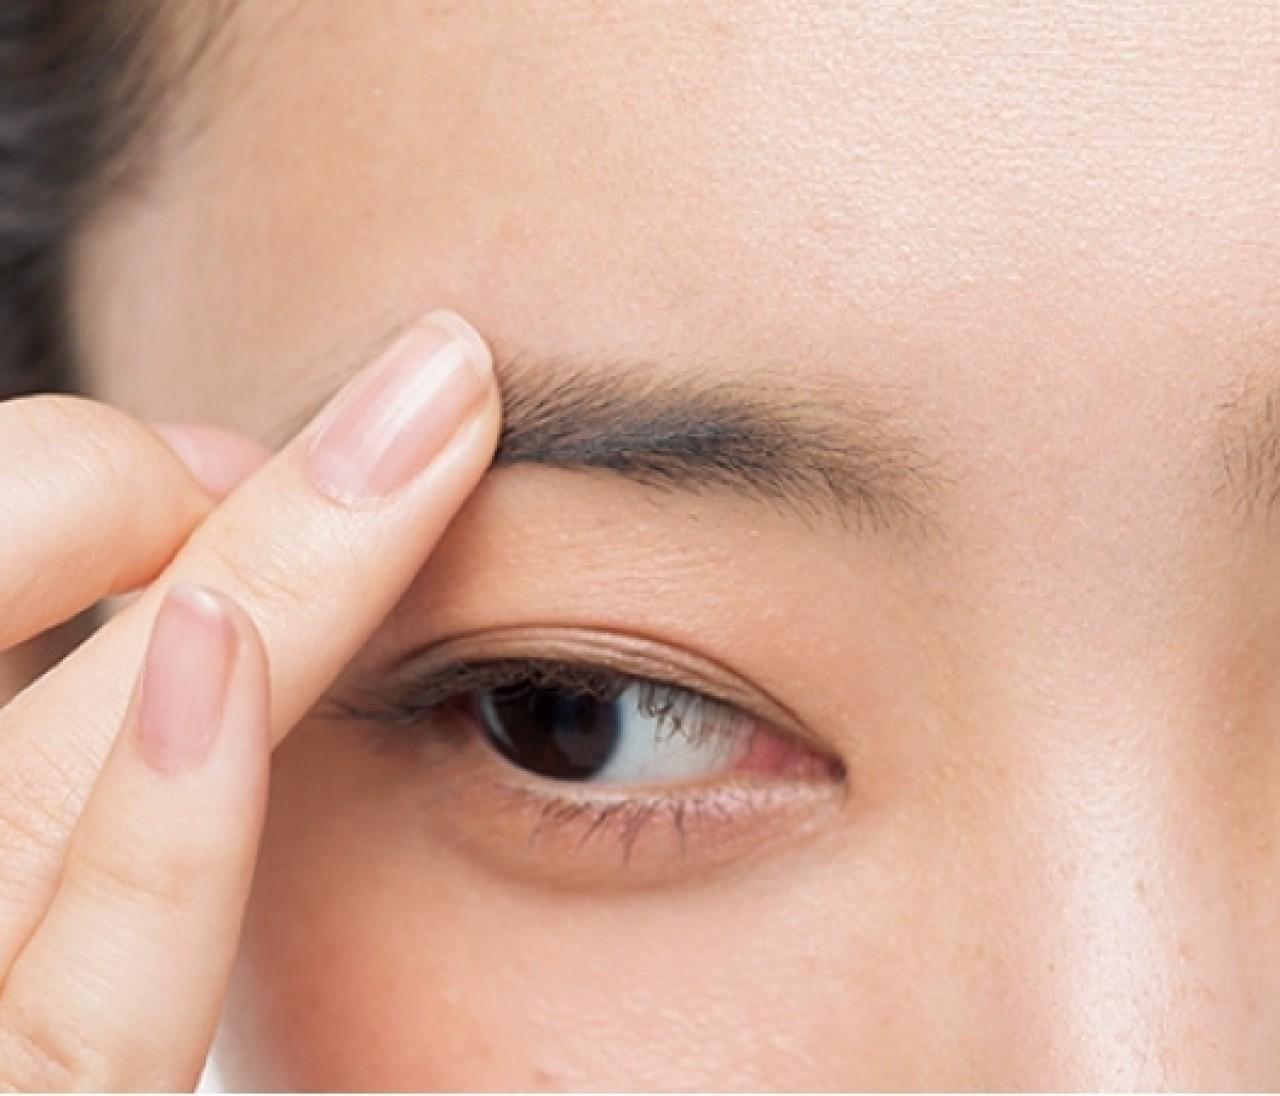 「薄眉」さんもしっかり眉をキープする5つのテク【眉メイクのお悩み解消Q&A】